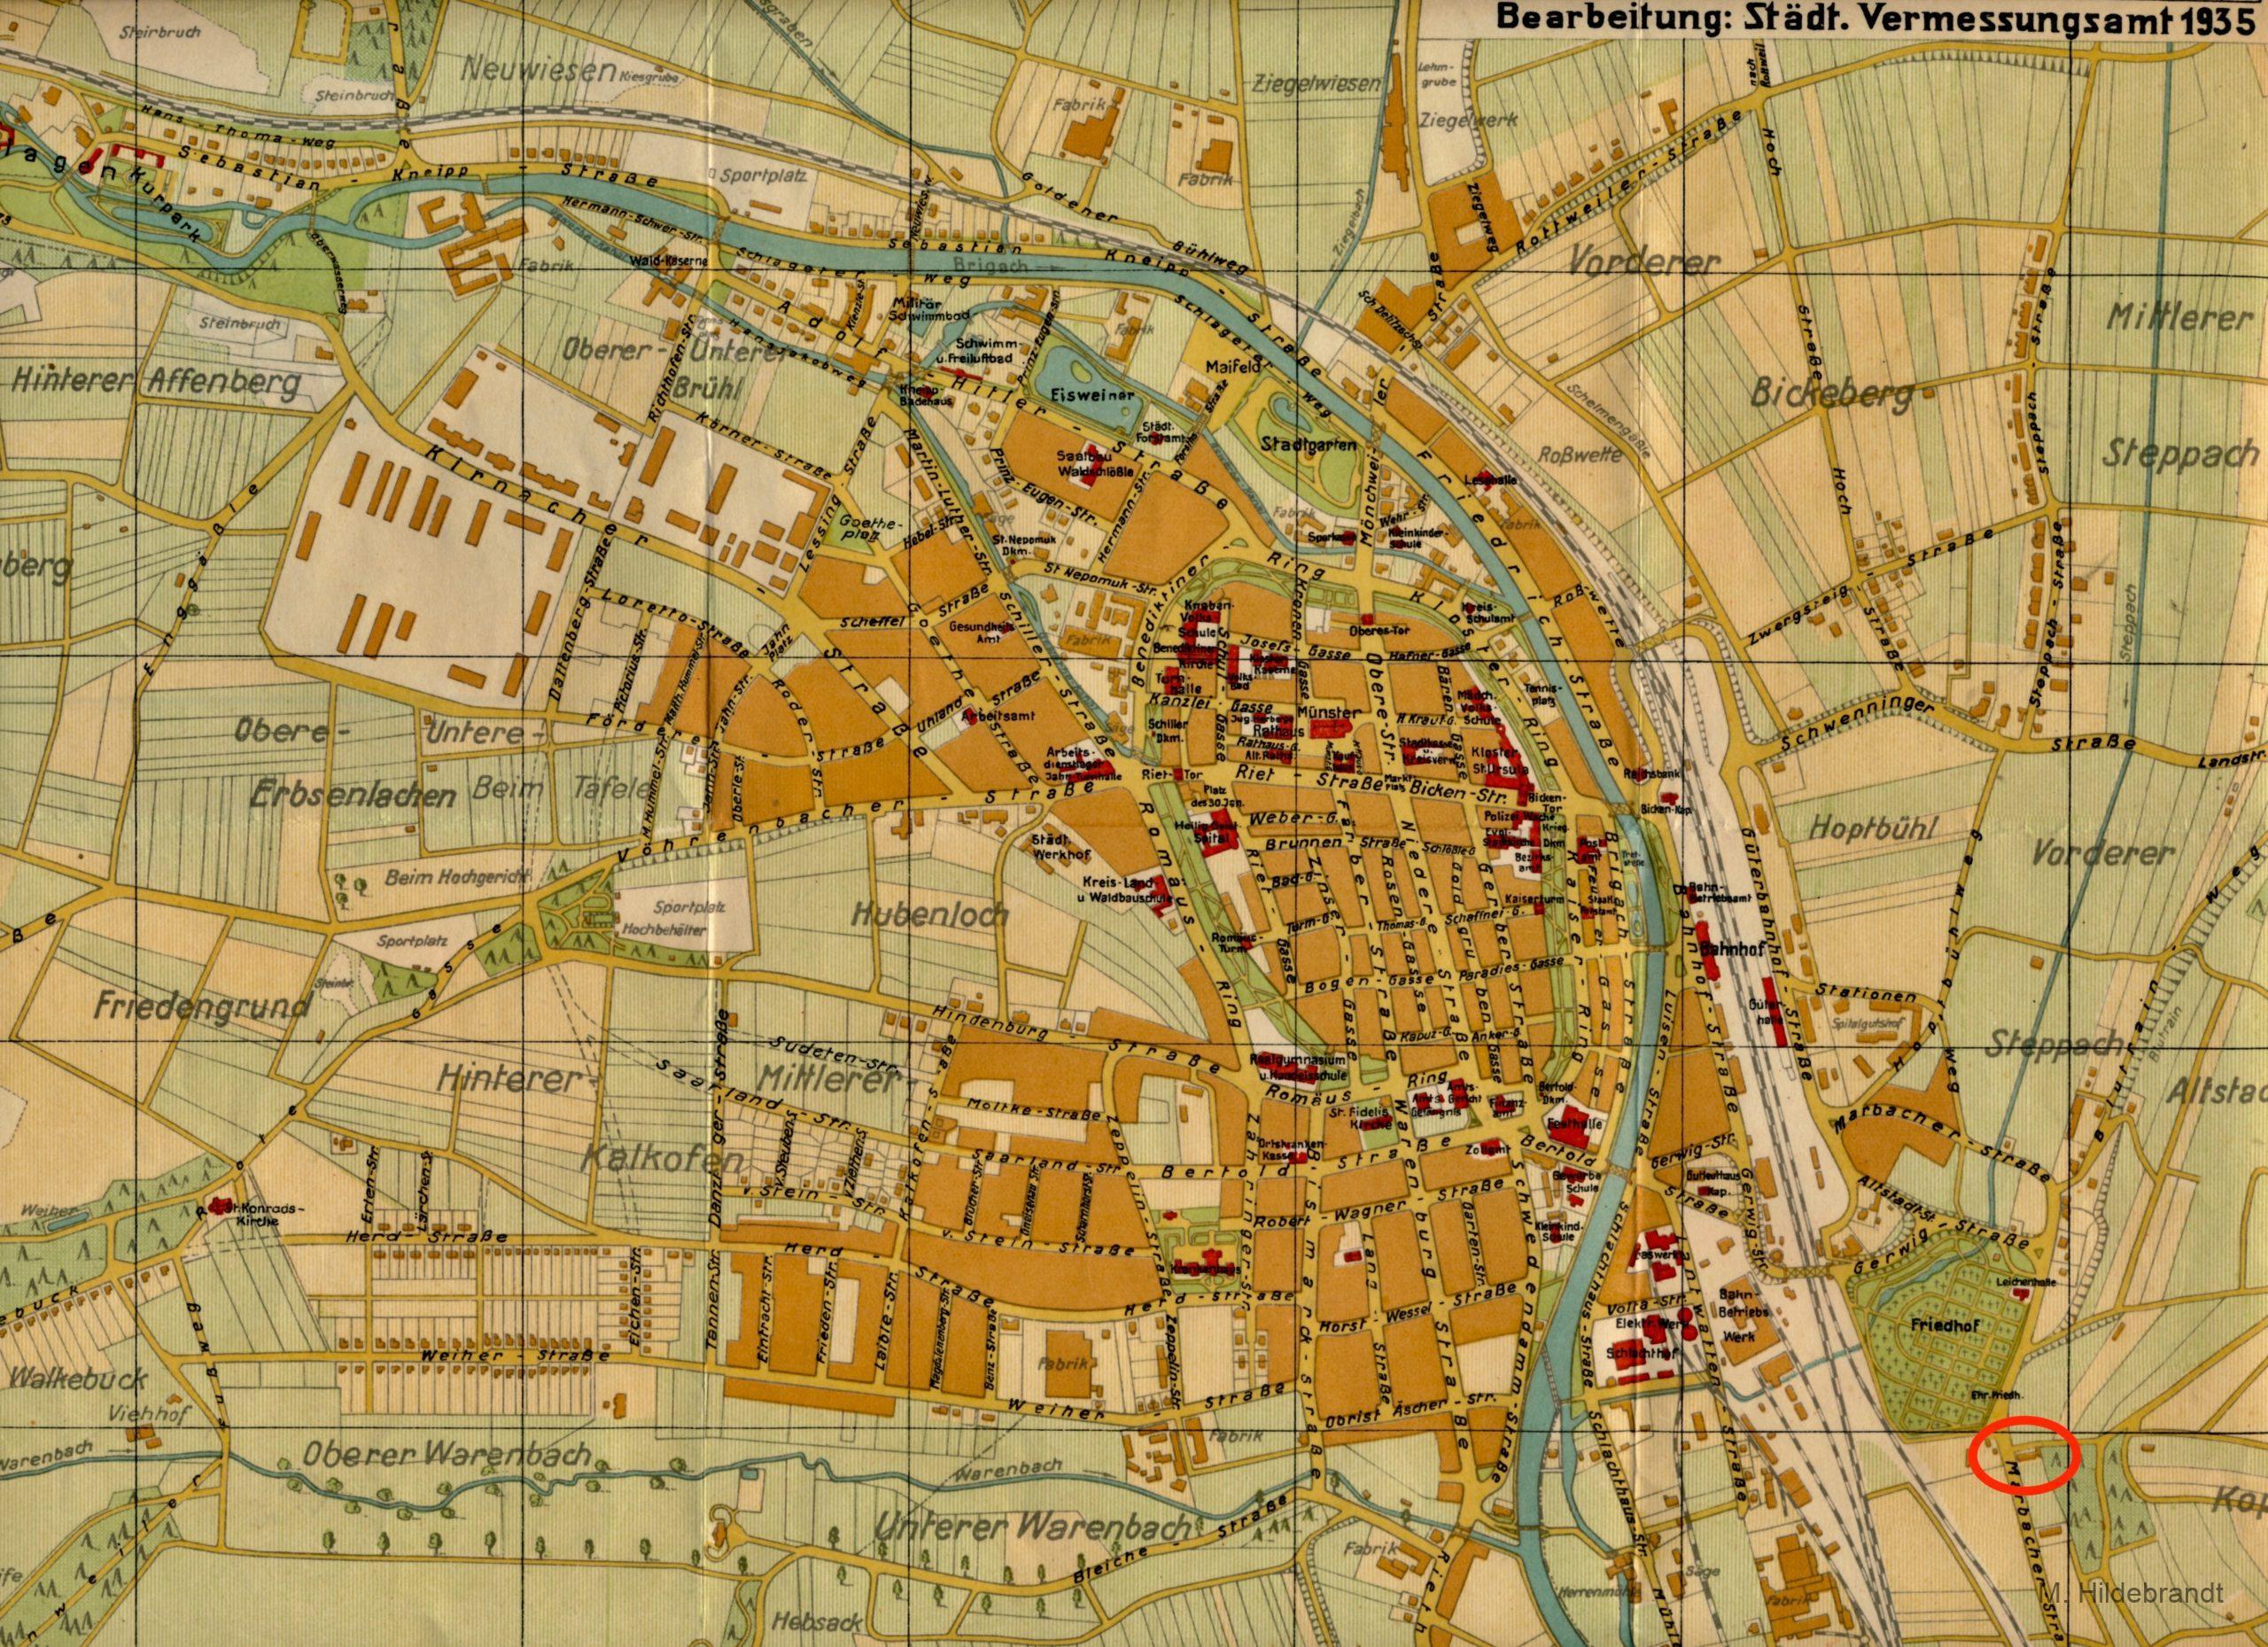 Villingen Hohenstein War Wirtschaft An Der Marbacher Strasse Nahe Friedhof Hildebrandtvs De